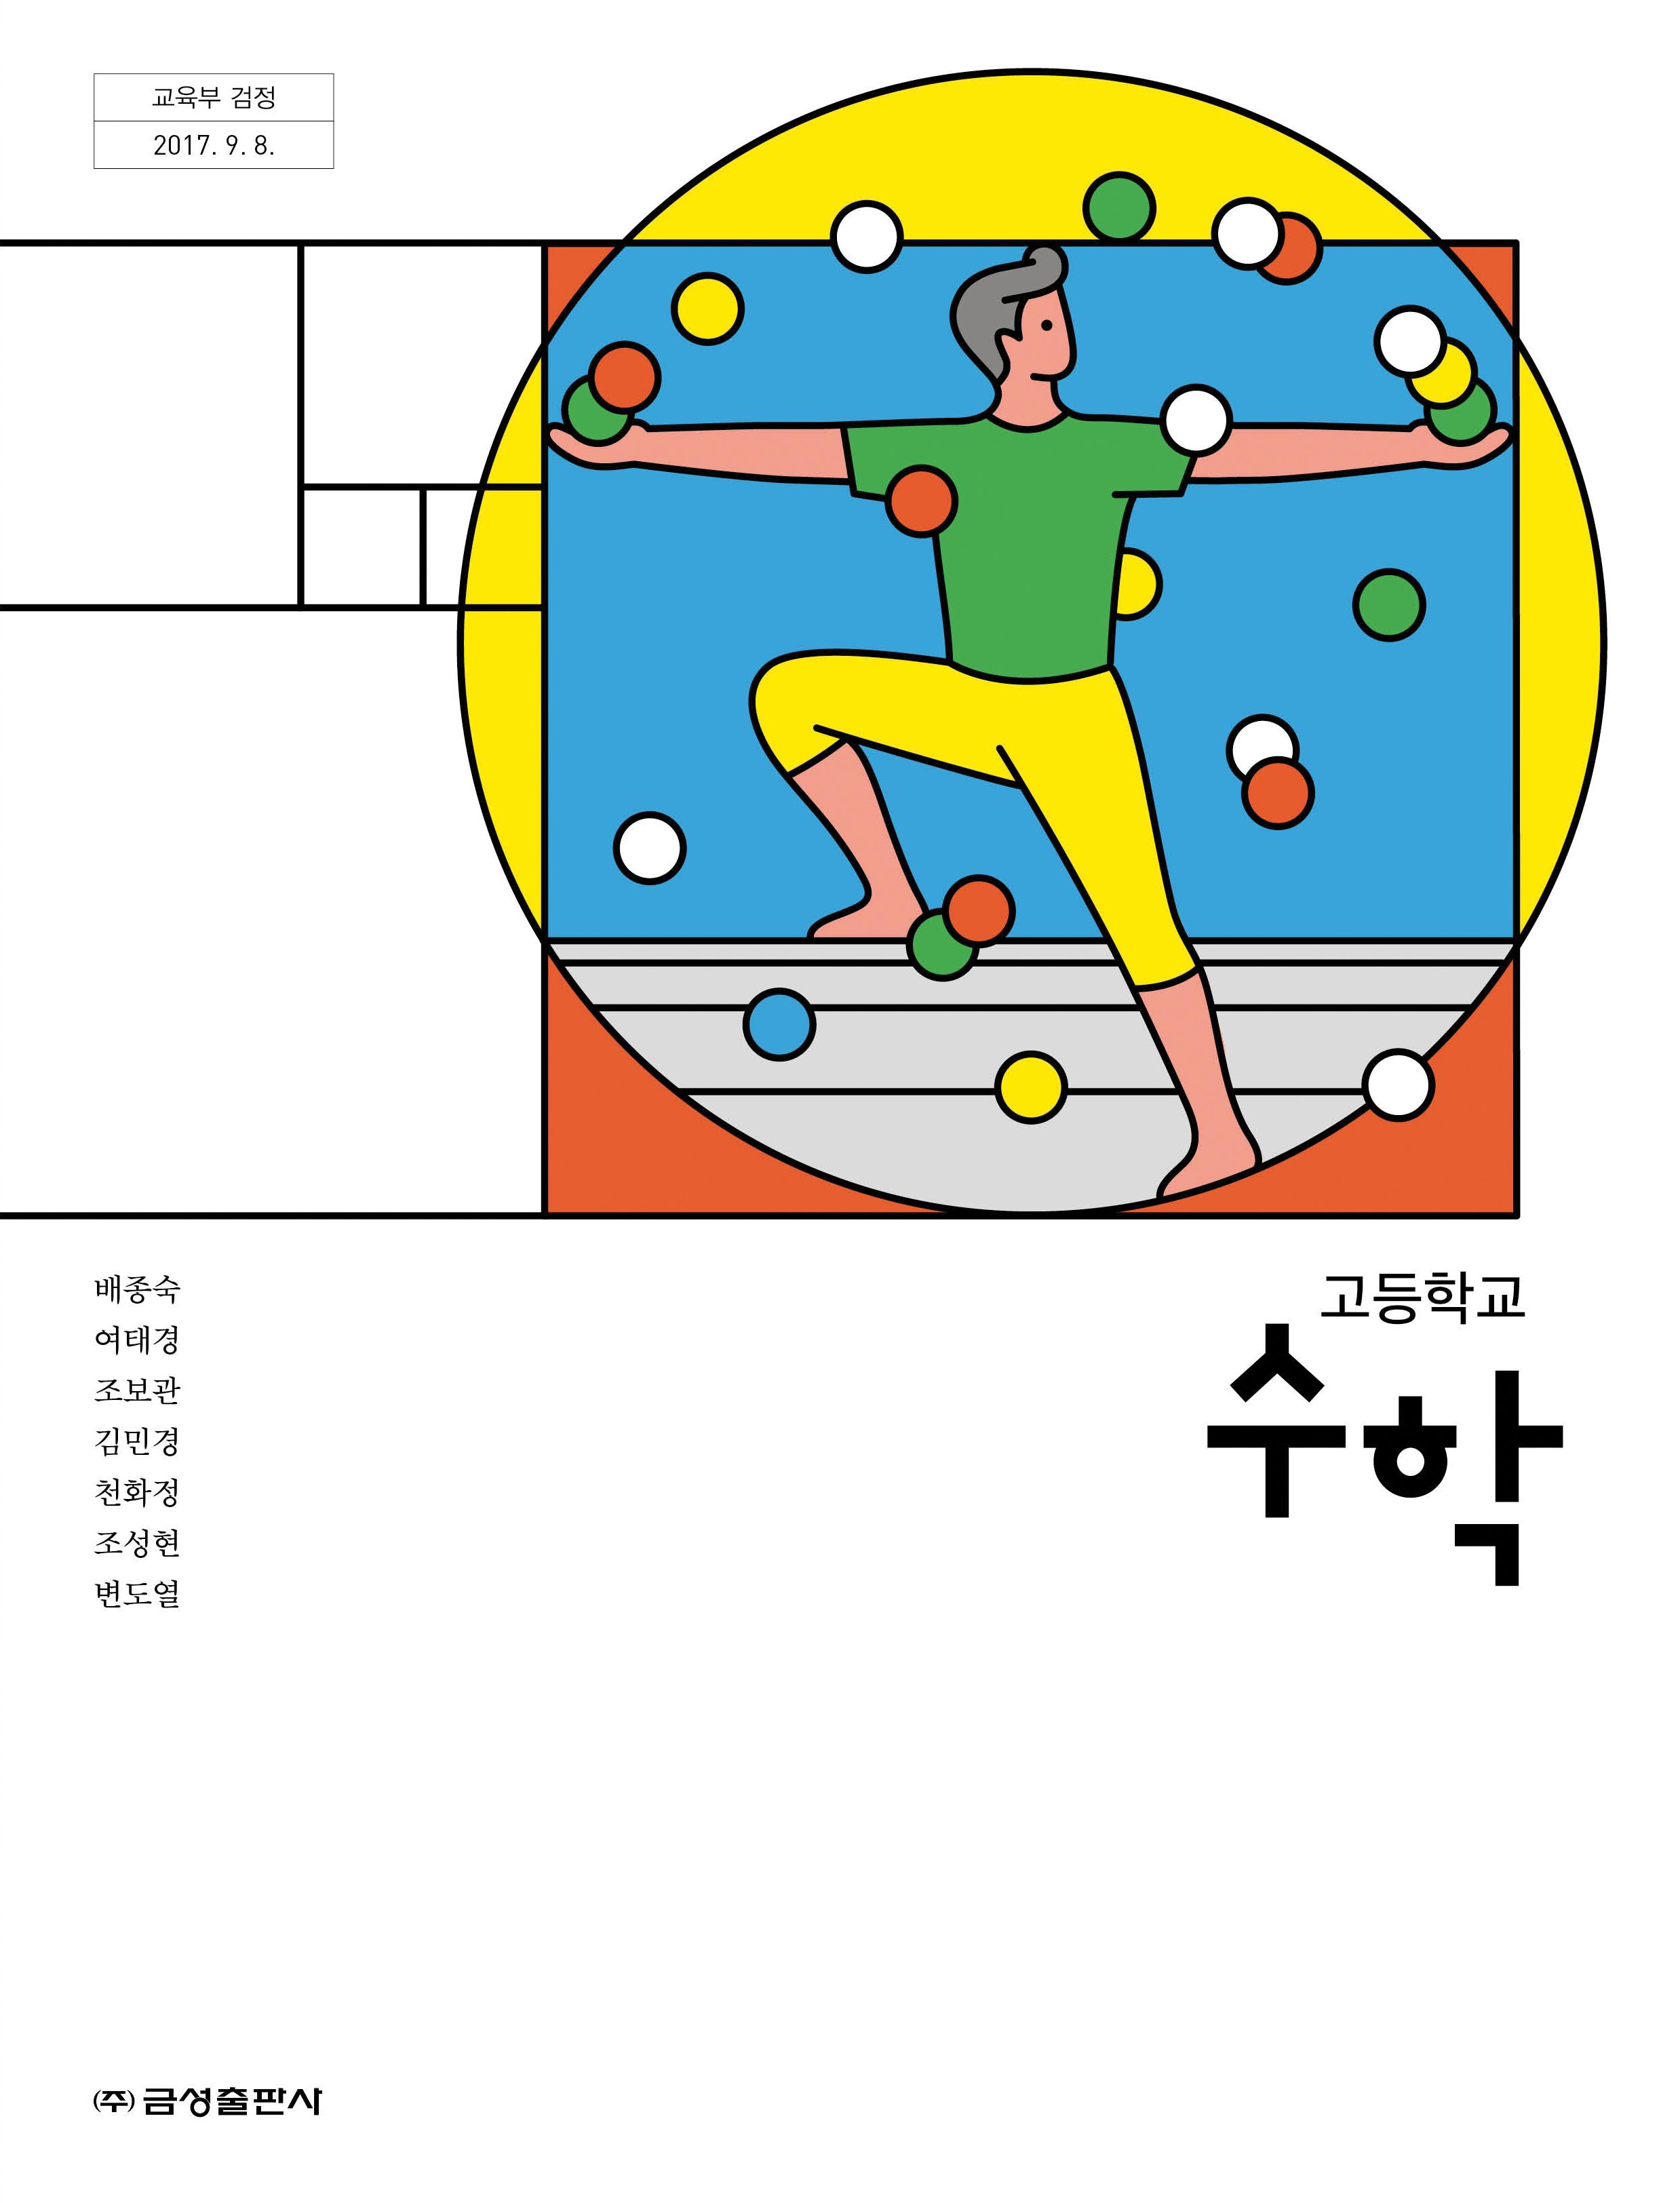 금성출판사와 작업한 수학교과서 표지